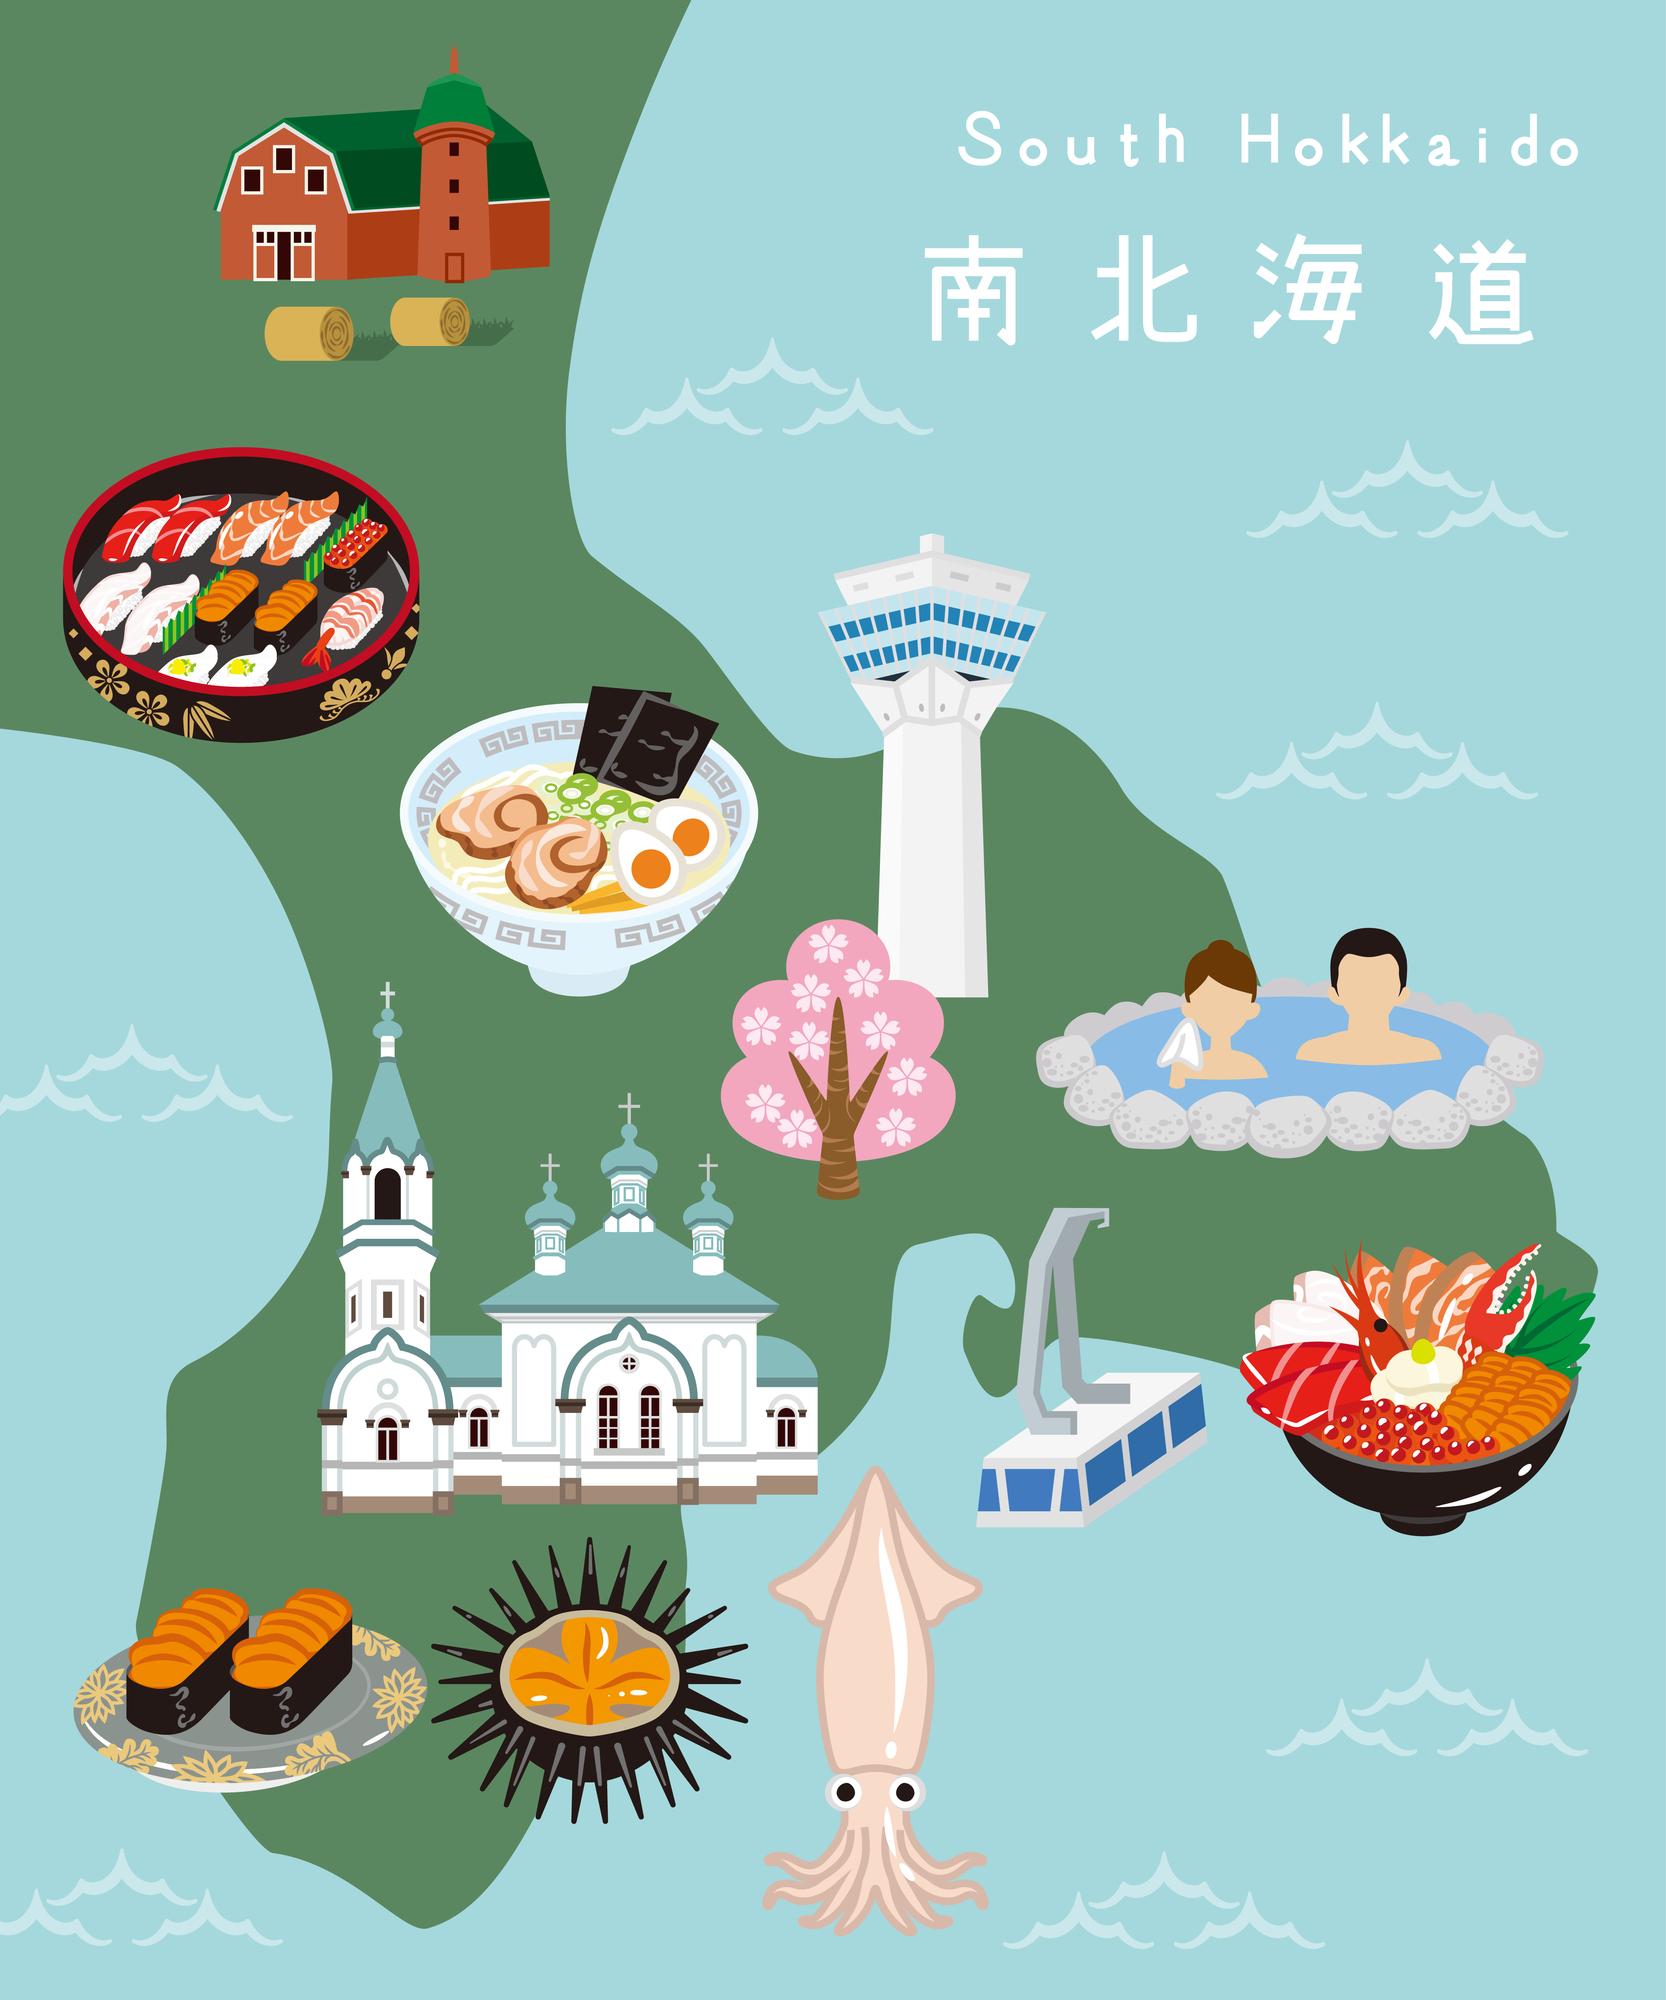 南北海道 イラストマップ